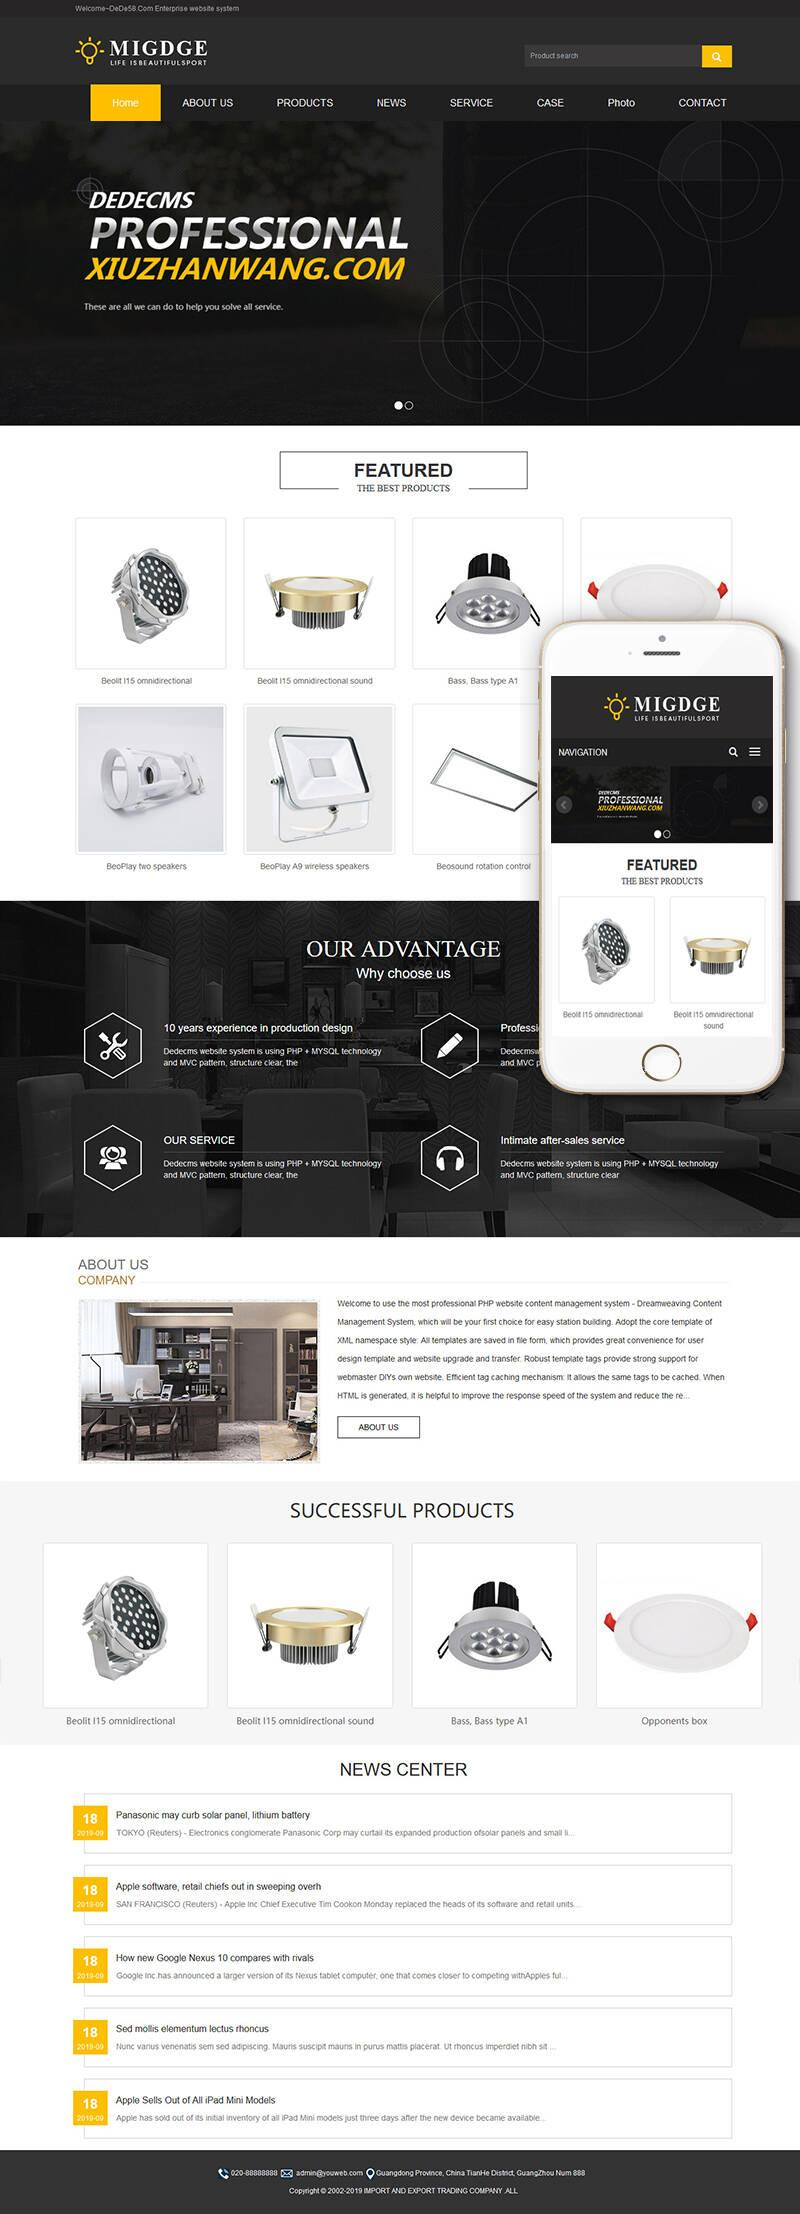 DEDECMS织梦黑色响应式灯具灯饰欧美外贸网站模板自适应手机WPA